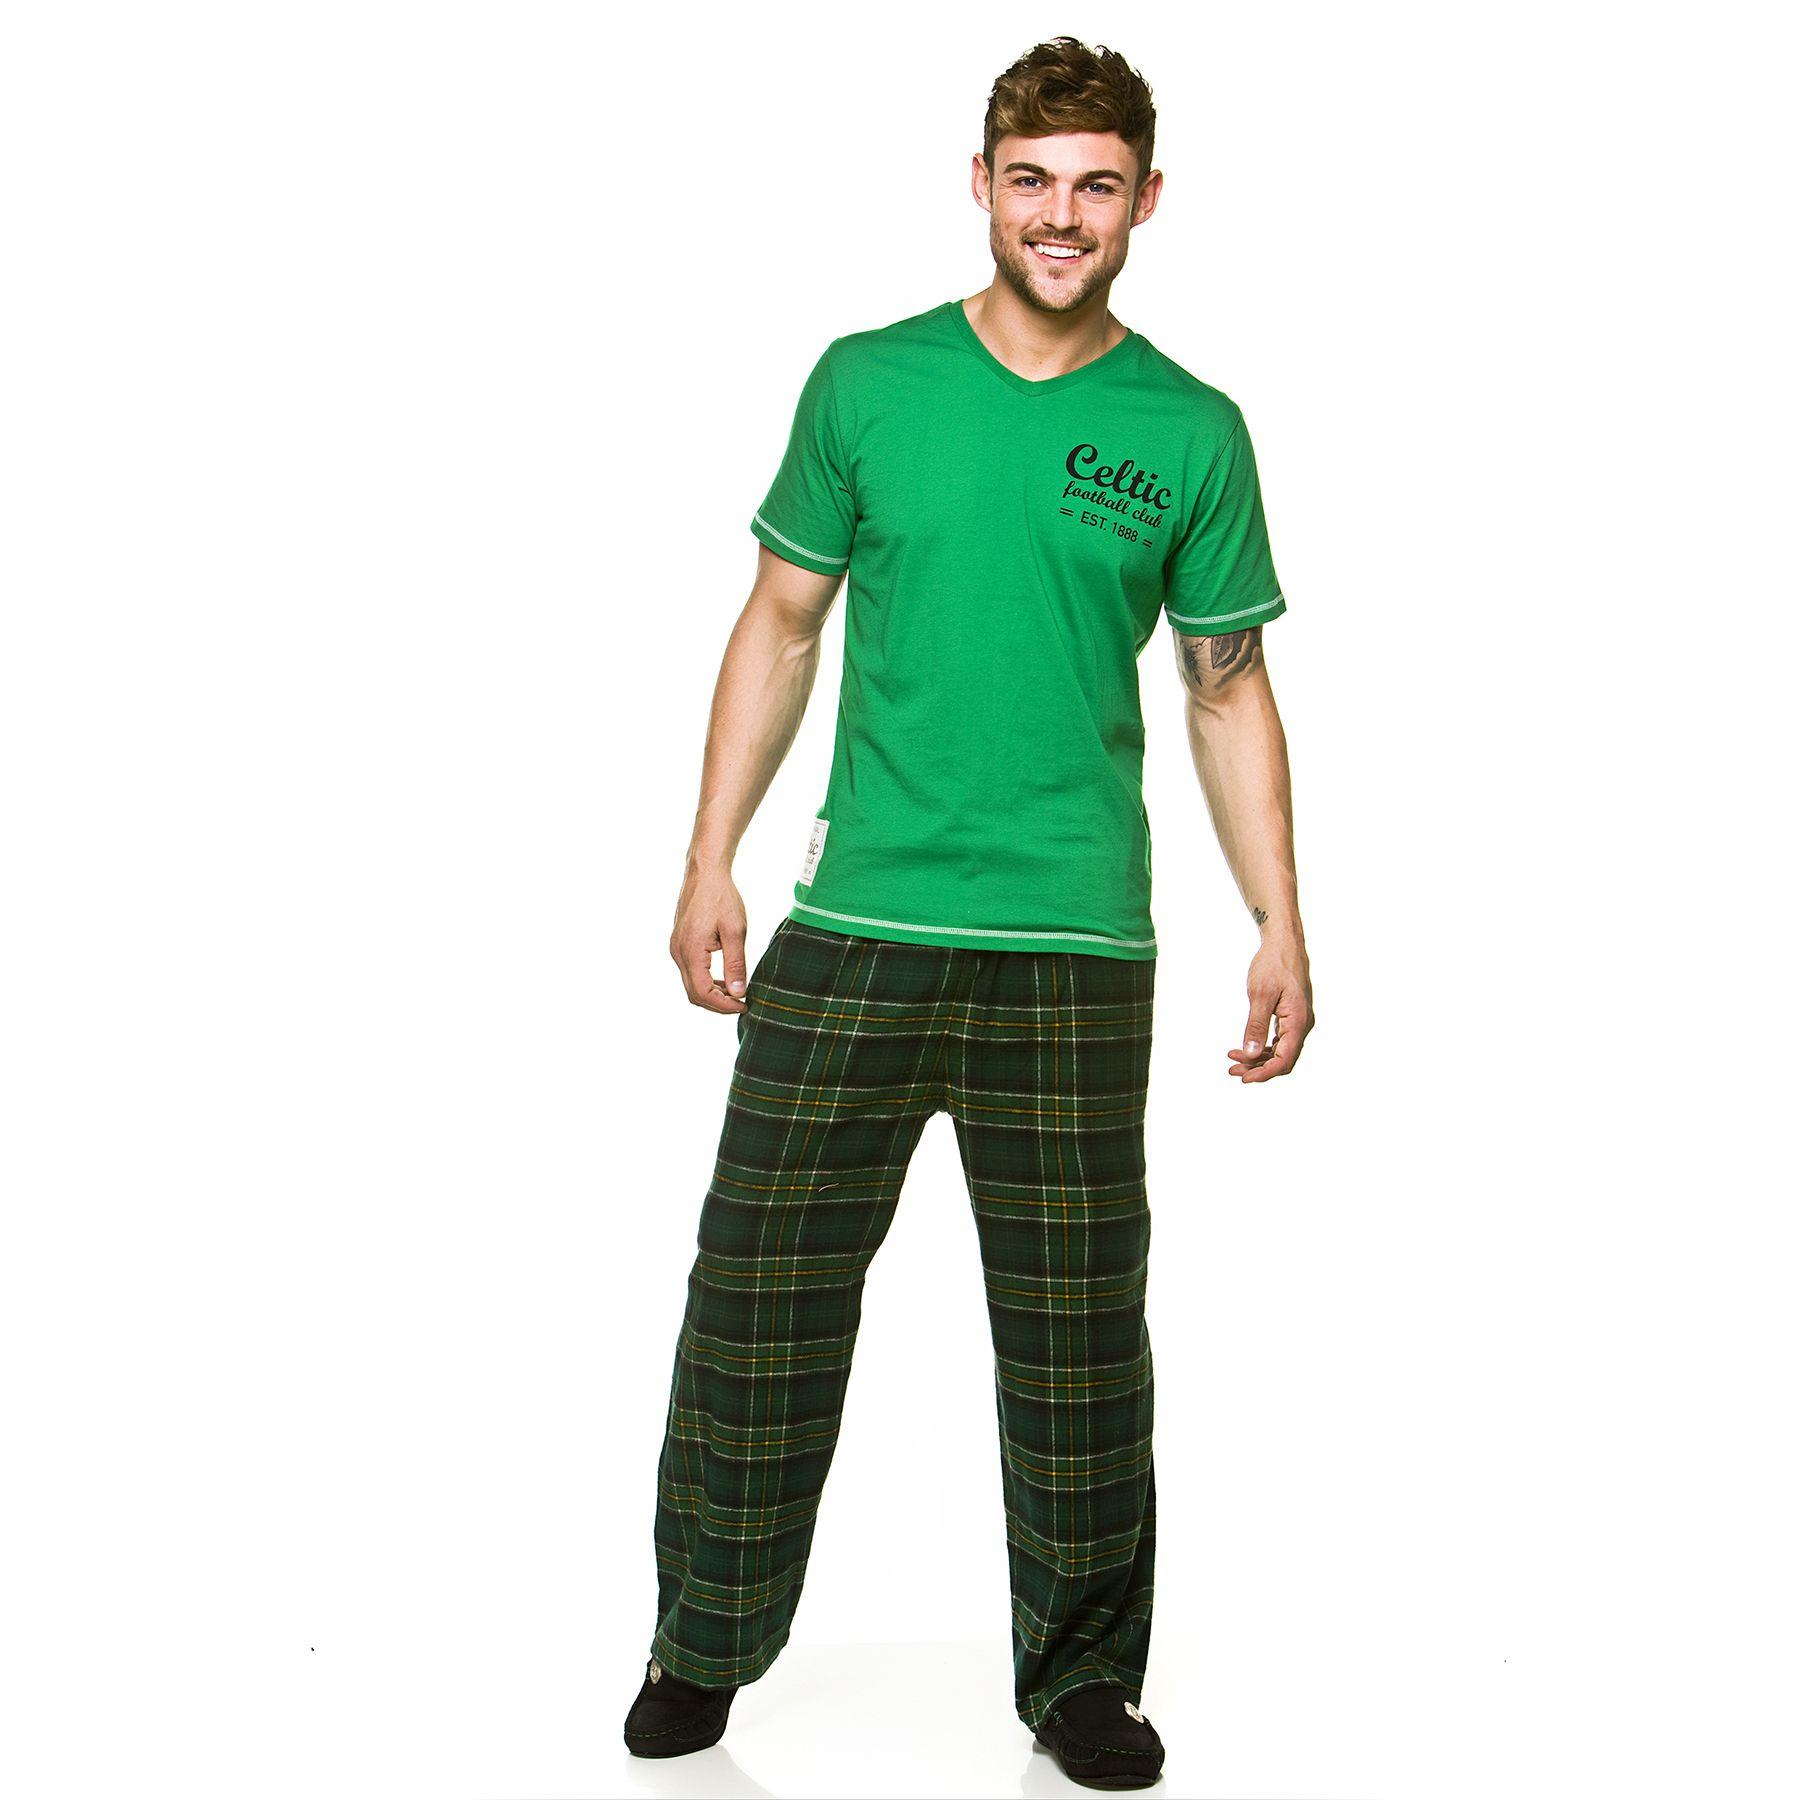 21f6c4ba5 Celtic Fleece Onesie - Green - Infant Boys £16 from celticsuperstore.co.uk